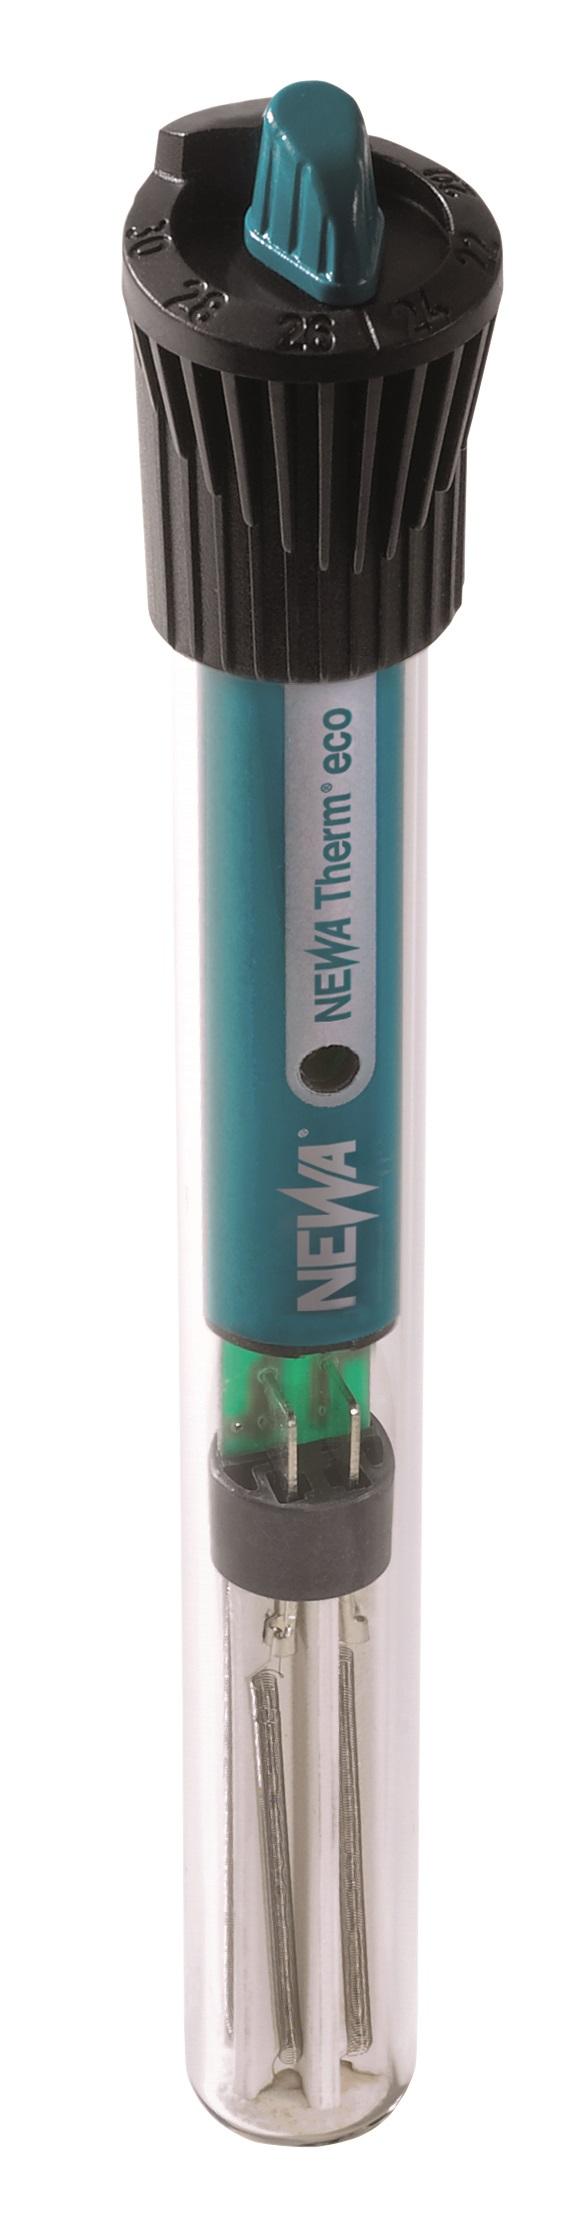 NEWA Therm Eco 25W chauffage avec thermostat intégré pour aquarium de 12 à 25 L